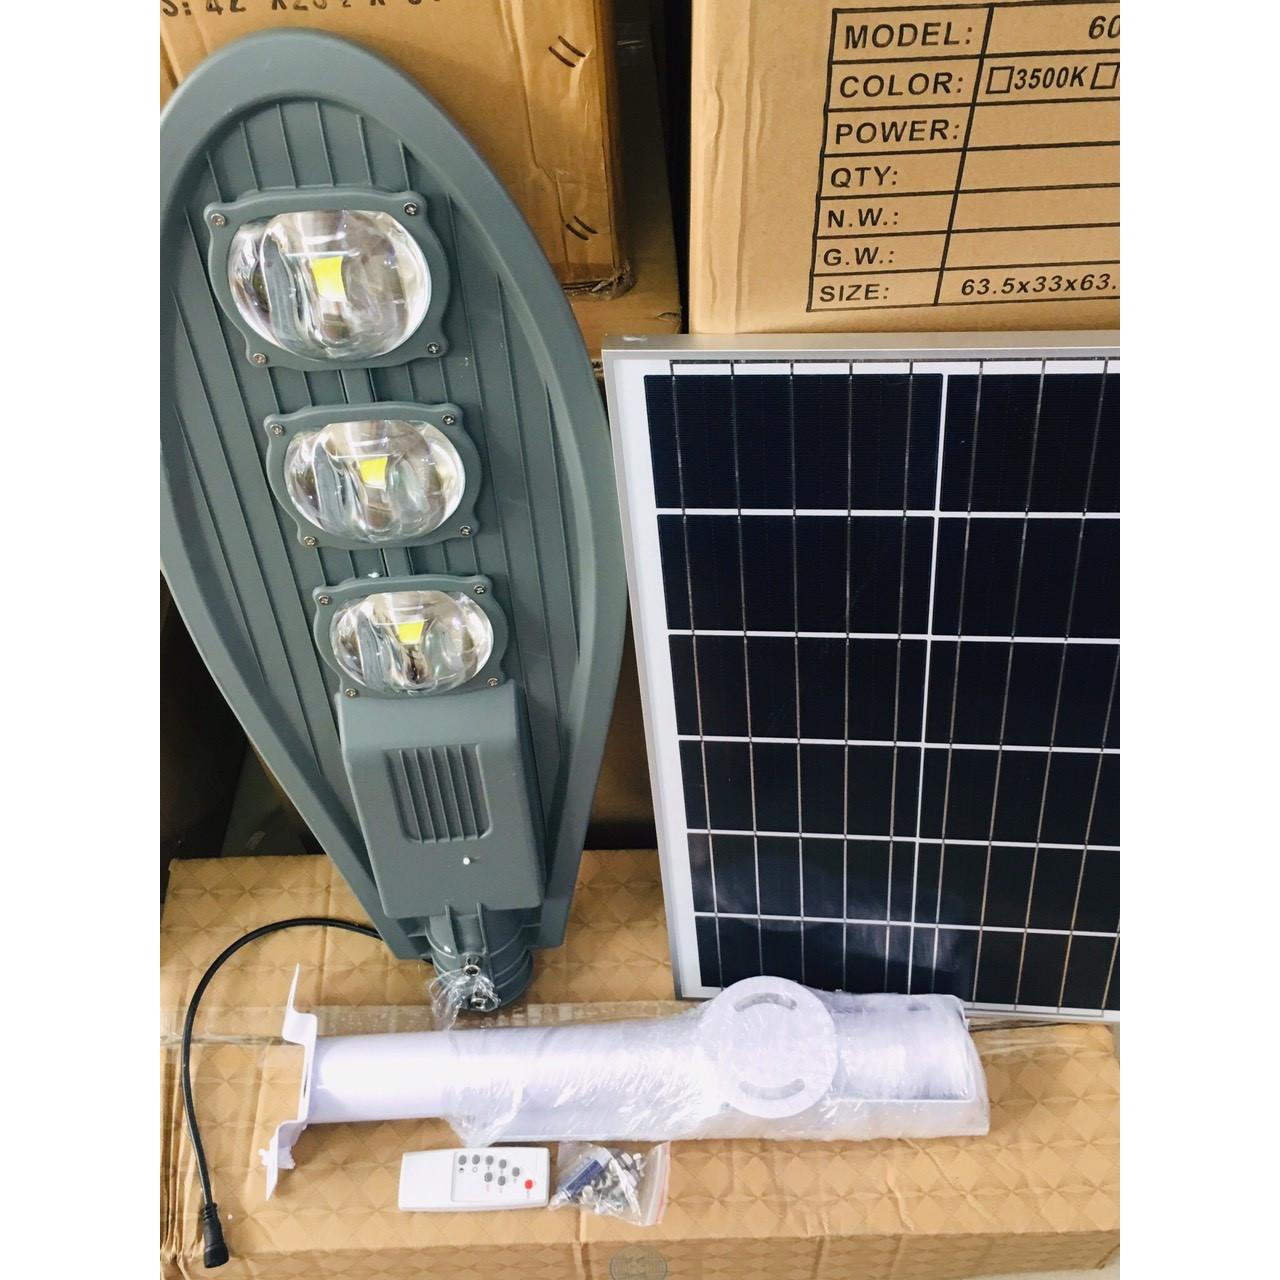 Đèn Đường Năng Lượng Mặt Trời Chiếc Lá Siêu Sáng - Công Suất 150W - Công Nghệ LED COB Tiết Kiệm Năng Lượng